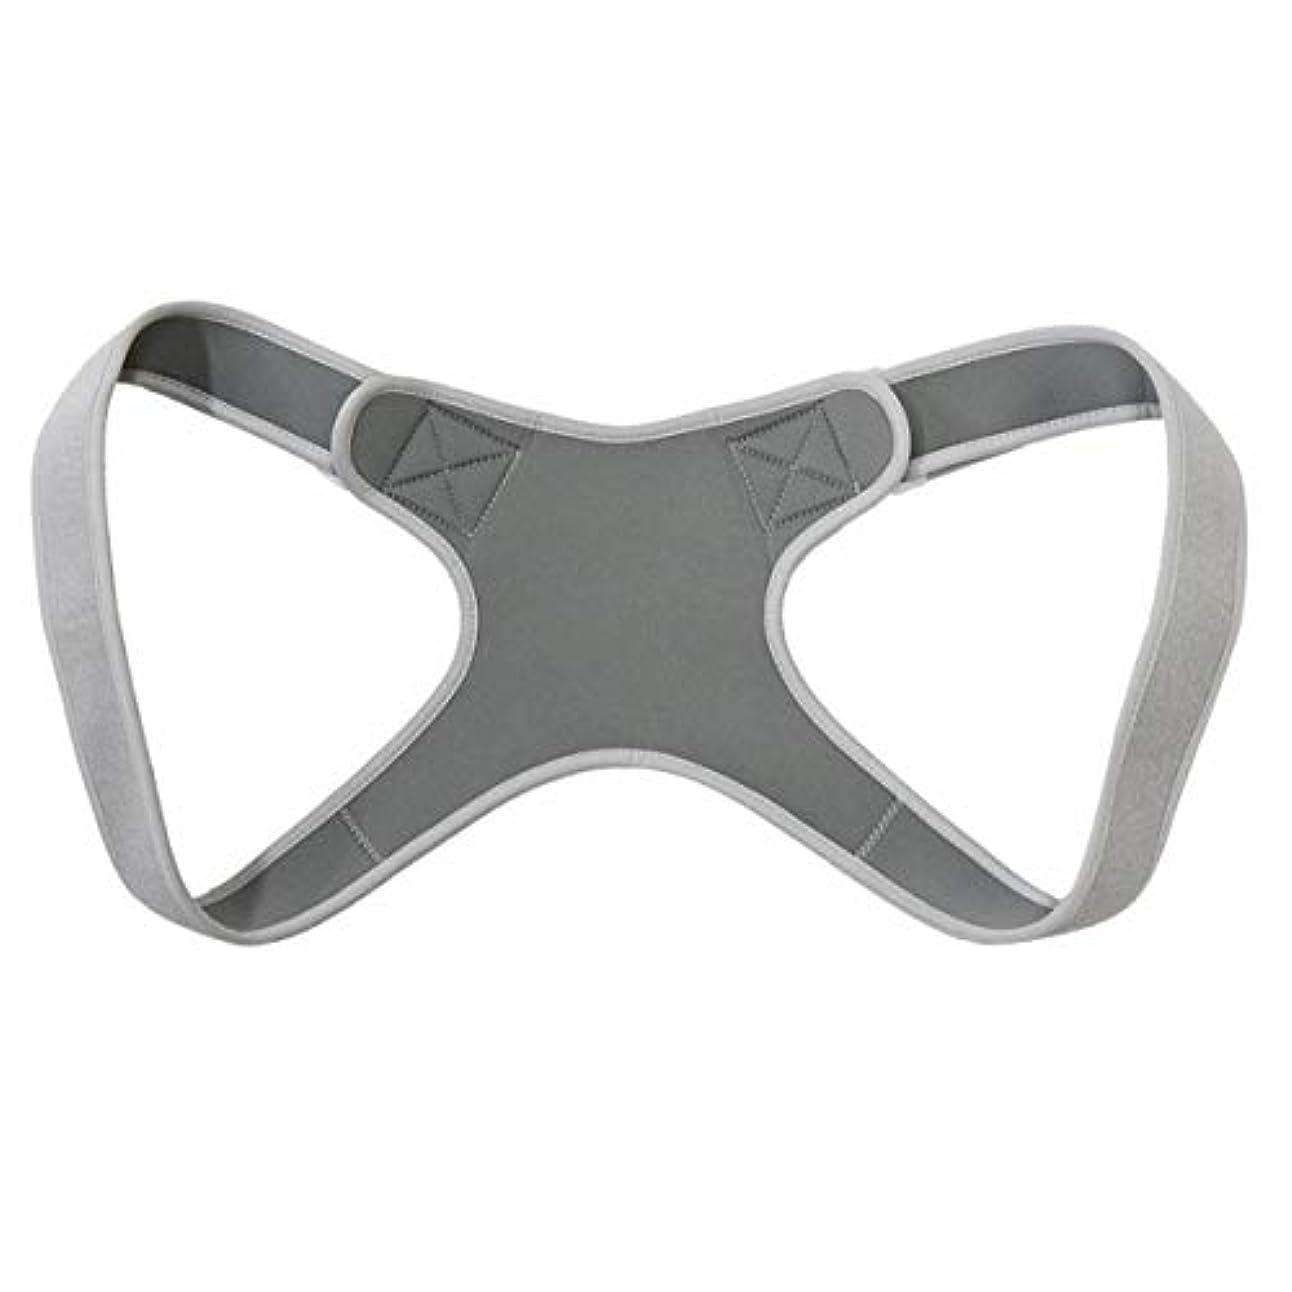 早くオーガニックシャーク新しいアッパーバックポスチャーコレクター姿勢鎖骨サポートコレクターバックストレートショルダーブレースストラップコレクター - グレー